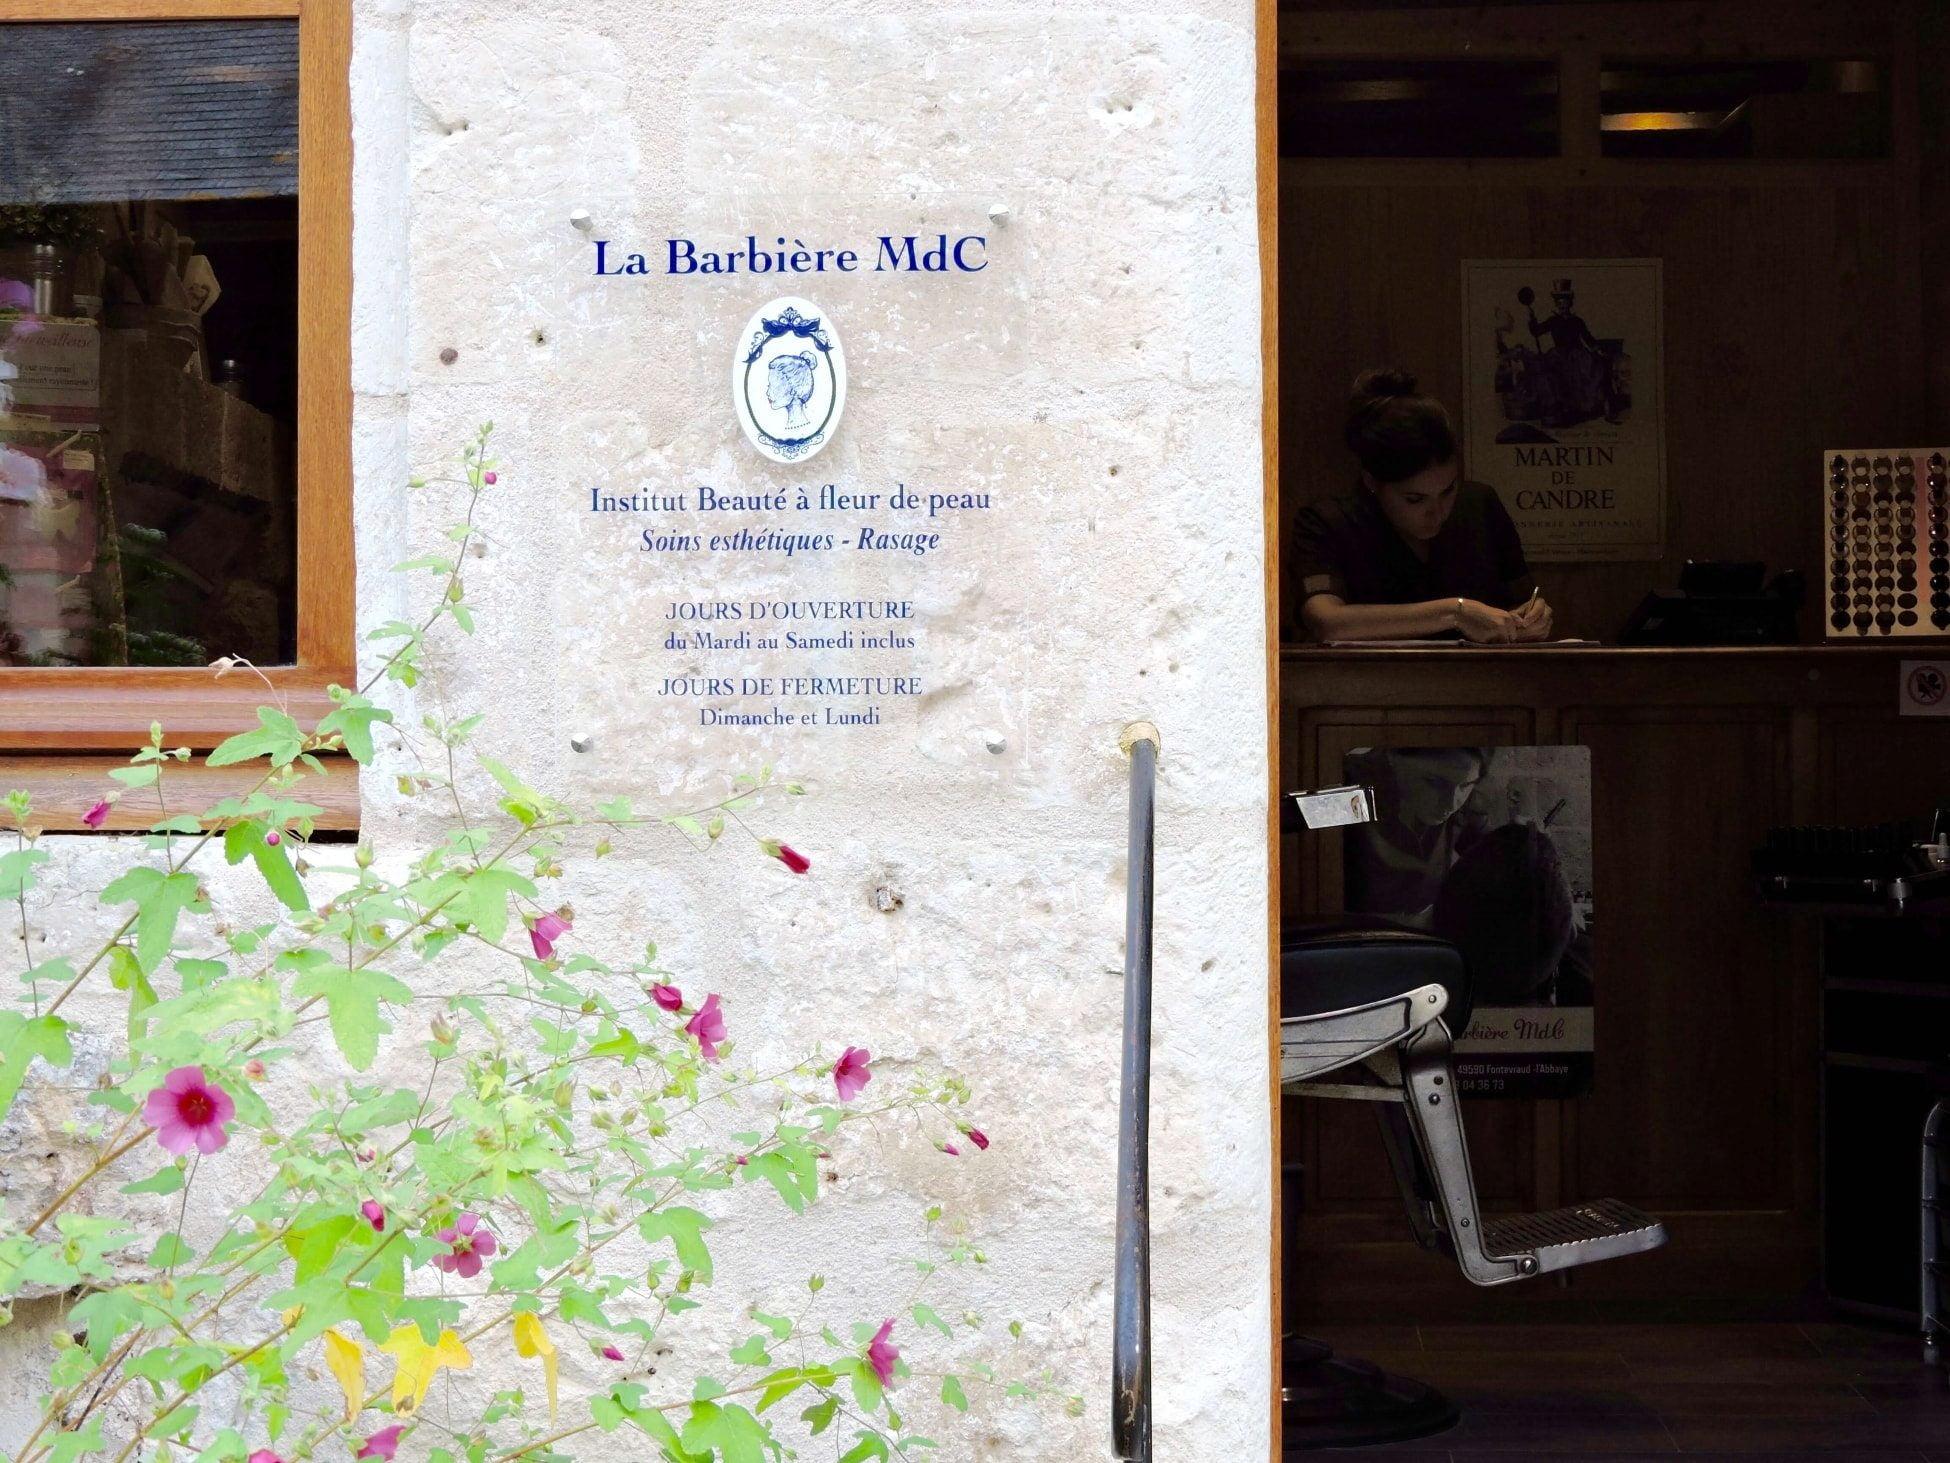 La Barbière MdC